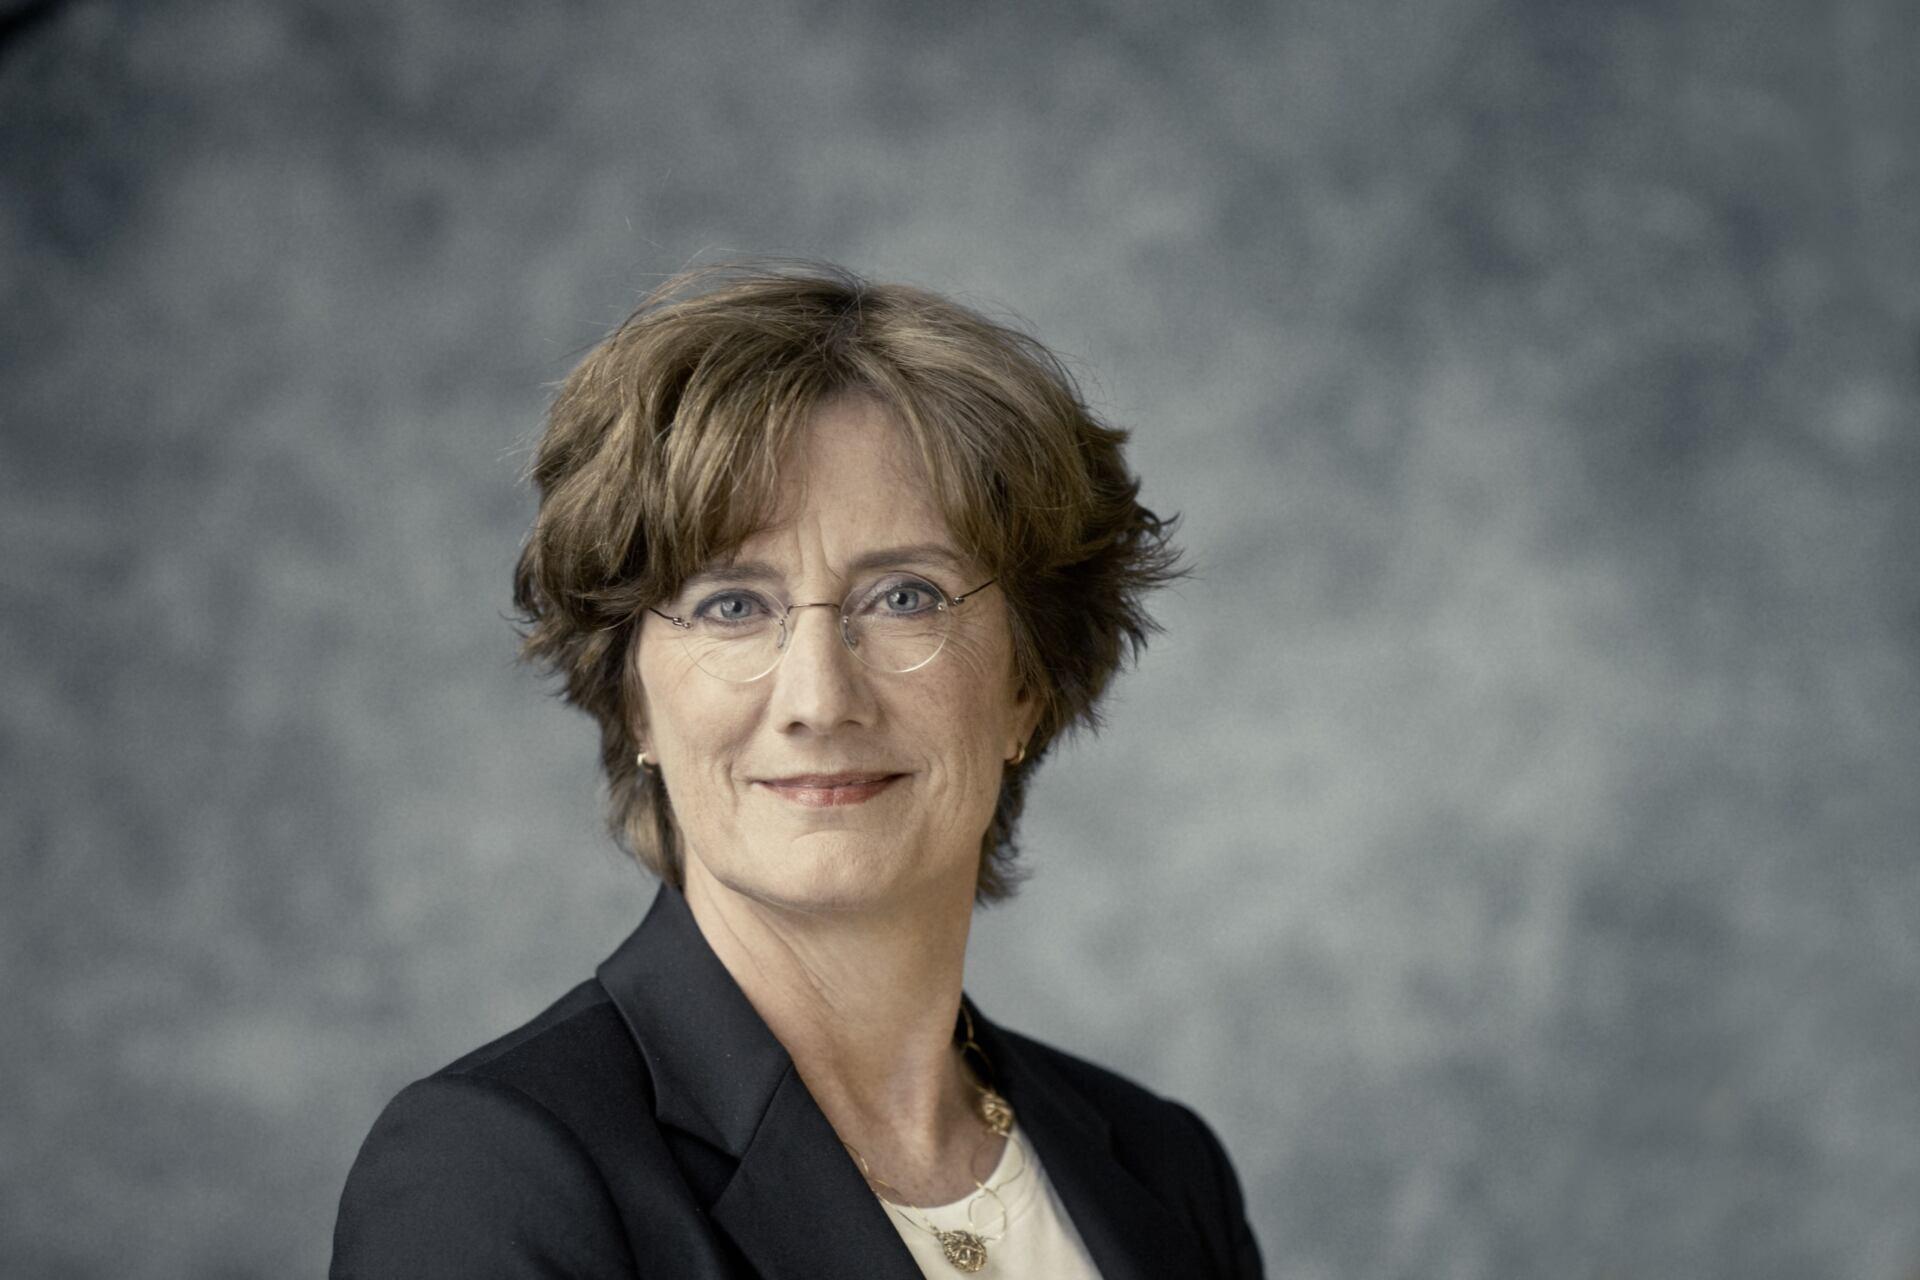 Voormalig hoofdofficier van justitie Bloos wordt of counsel bij Houthoff - Mr. online